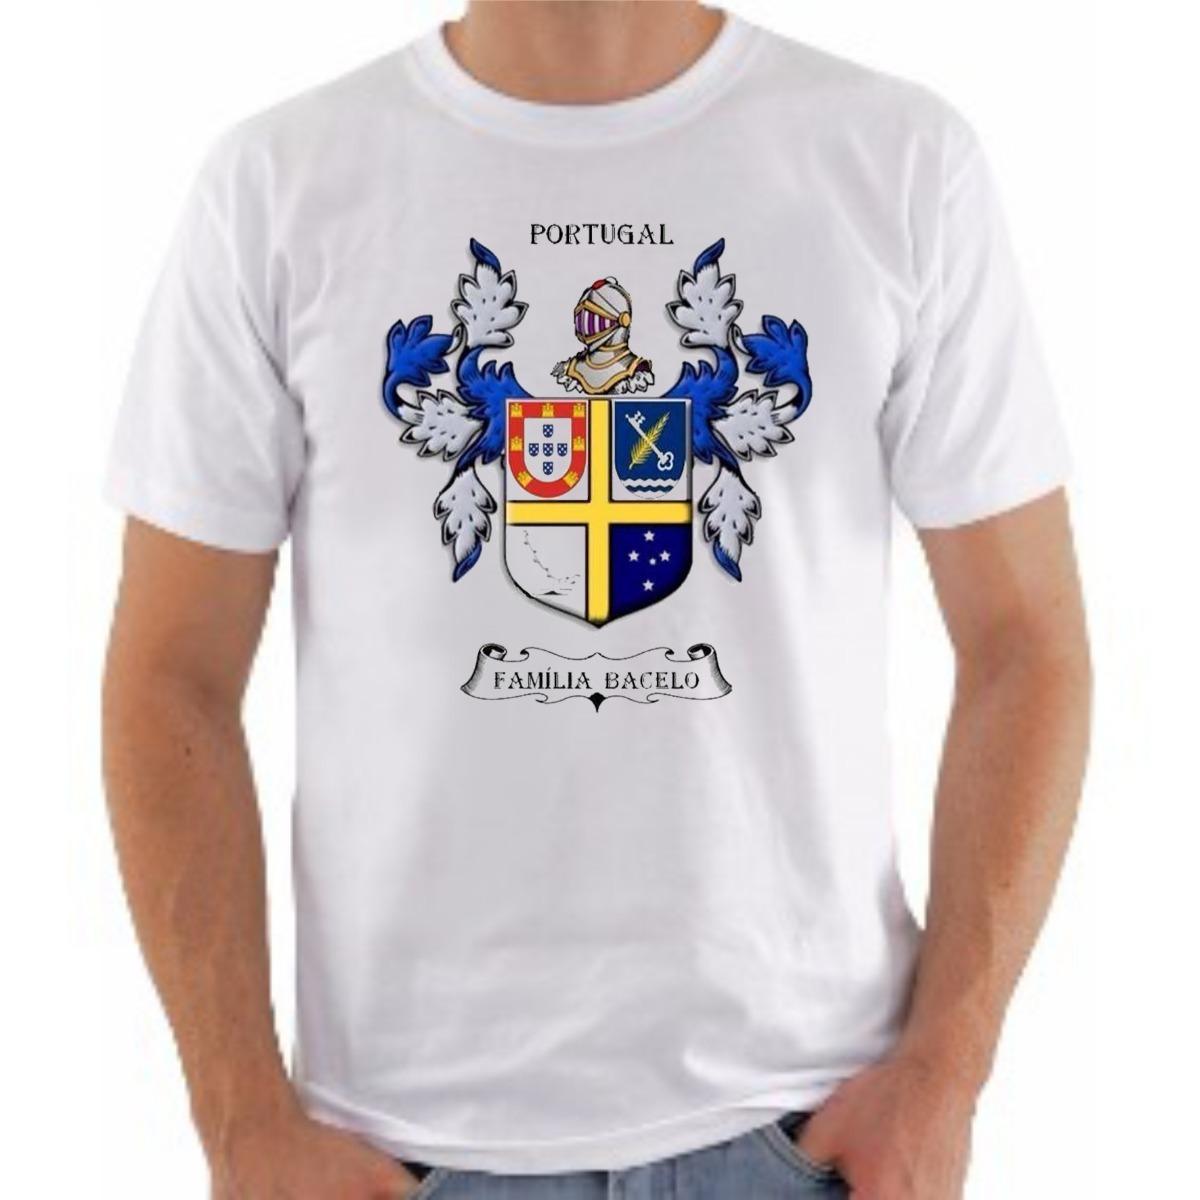 deefee9264 Camisa Camiseta Personalizada Com Sua Estampa Em Oferta - R  22